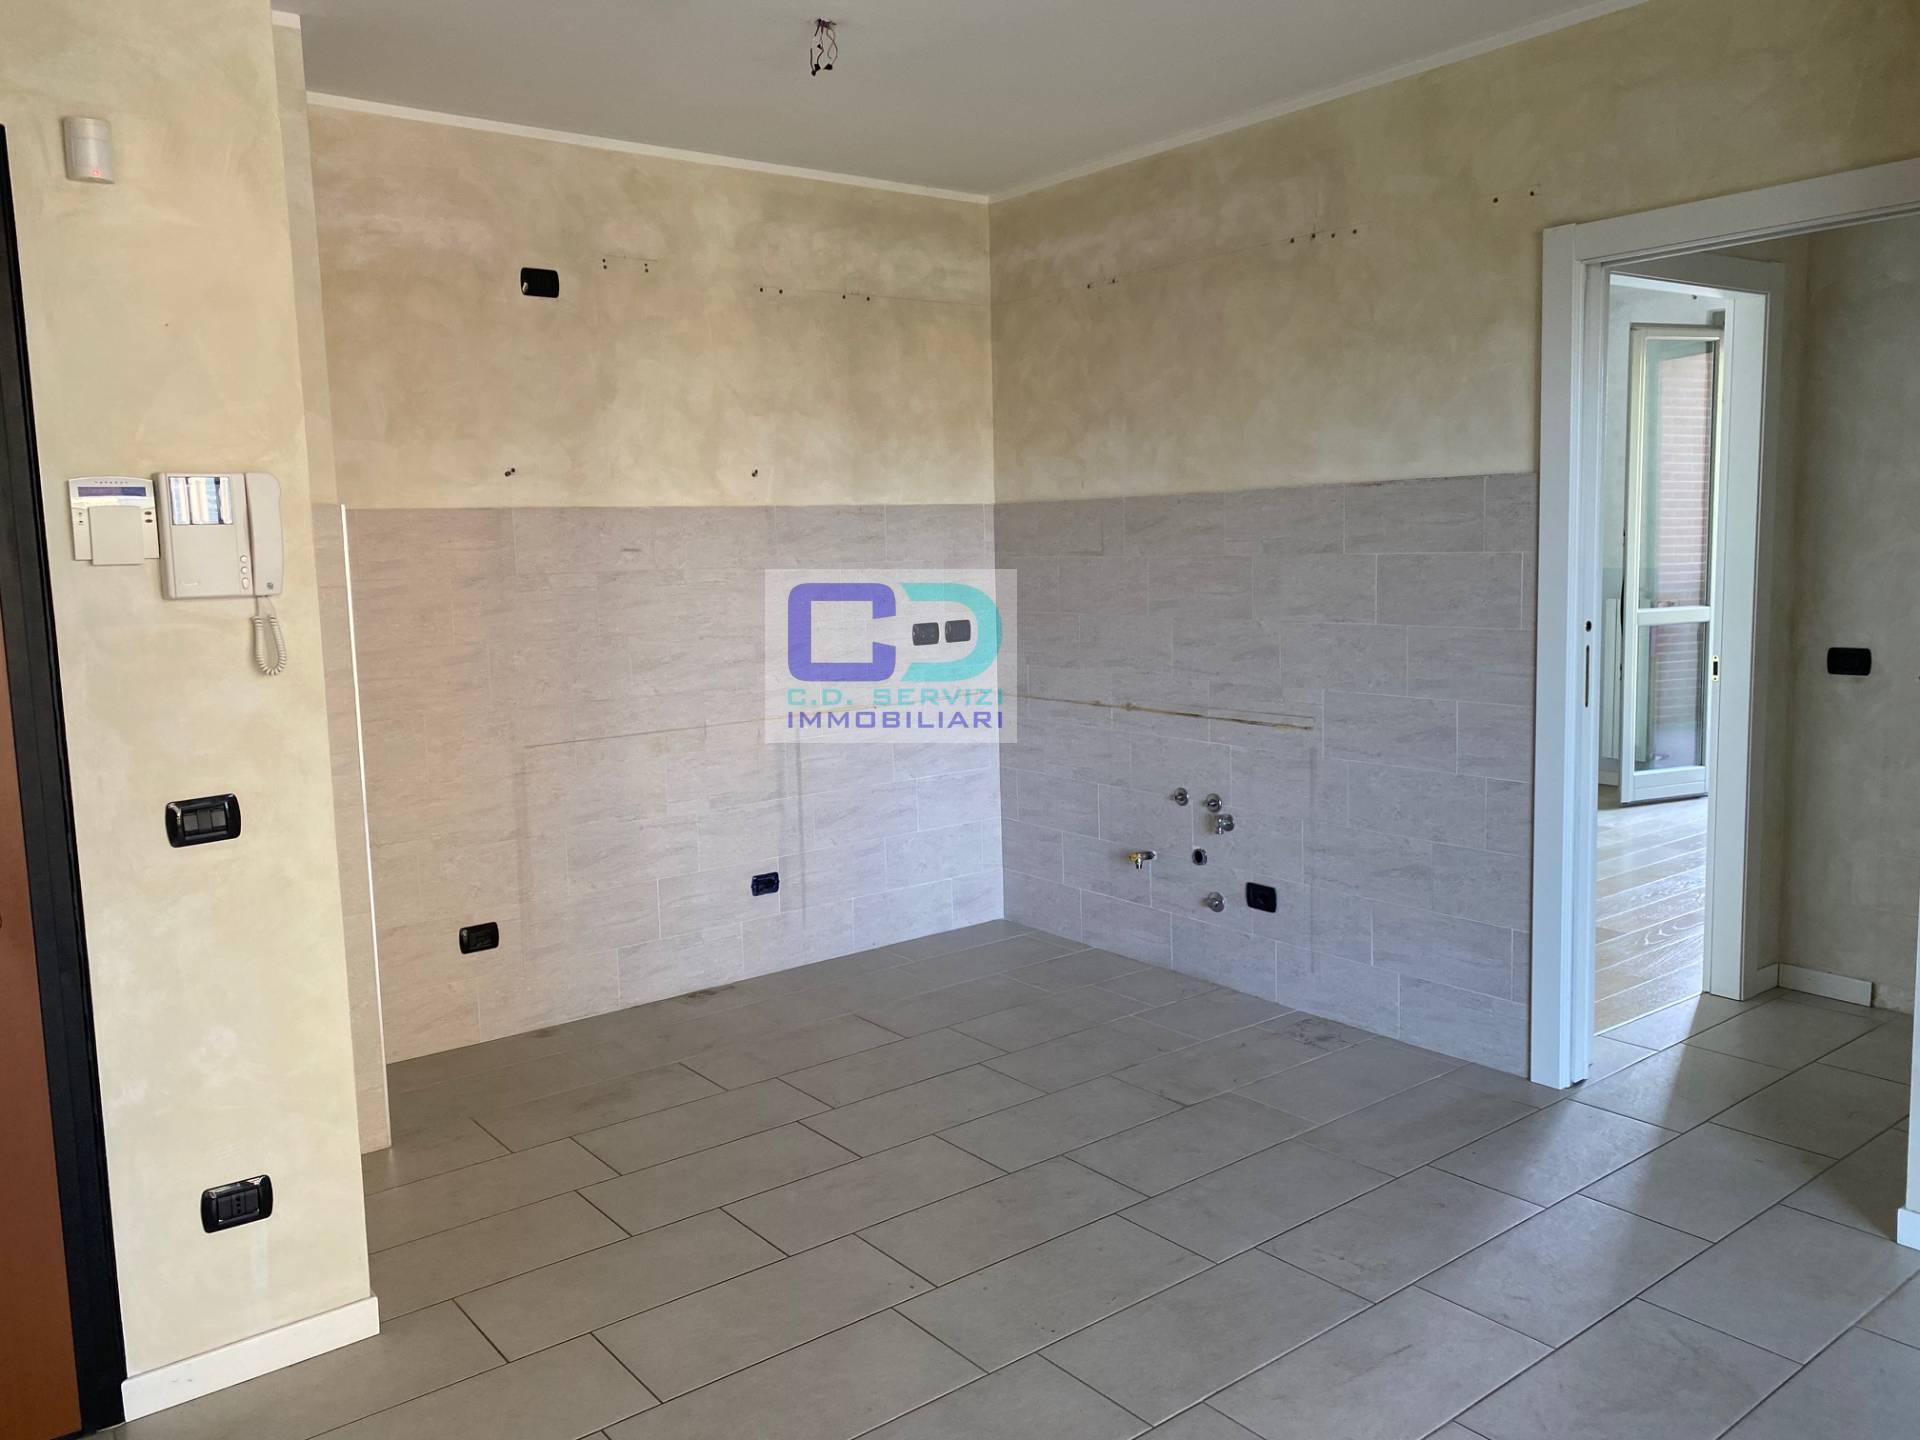 Appartamento in vendita a Vaprio d'Adda, 3 locali, prezzo € 150.000 | PortaleAgenzieImmobiliari.it